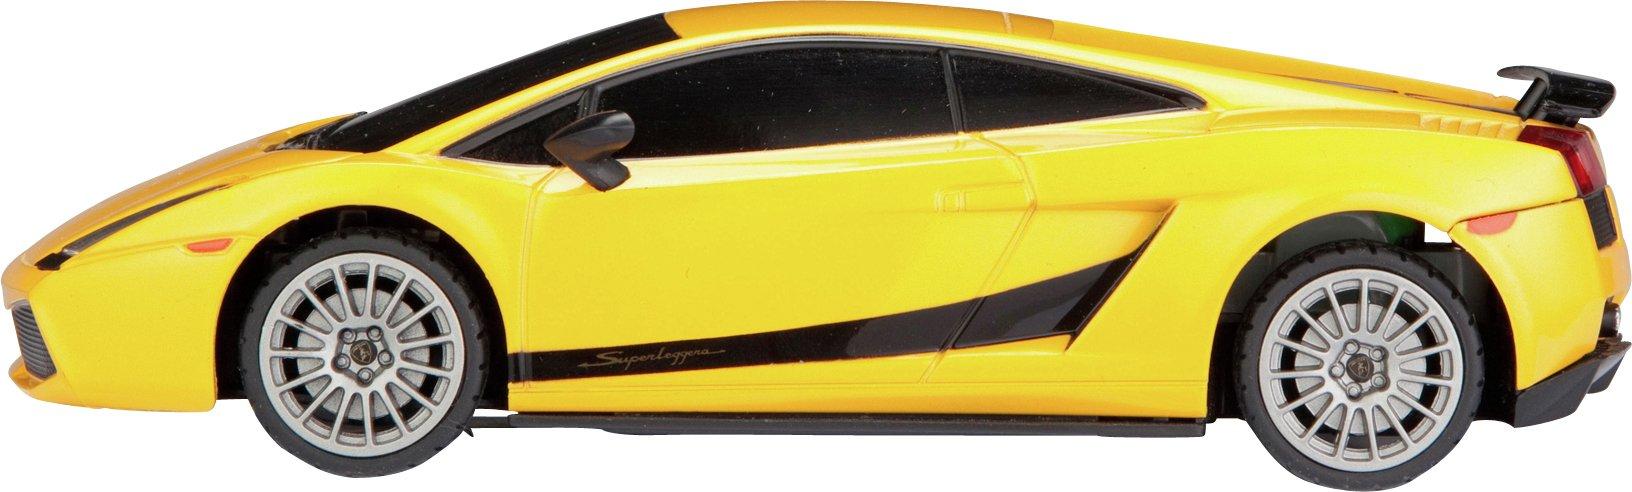 Lamborghini Super Leggera Radio Controlled Car